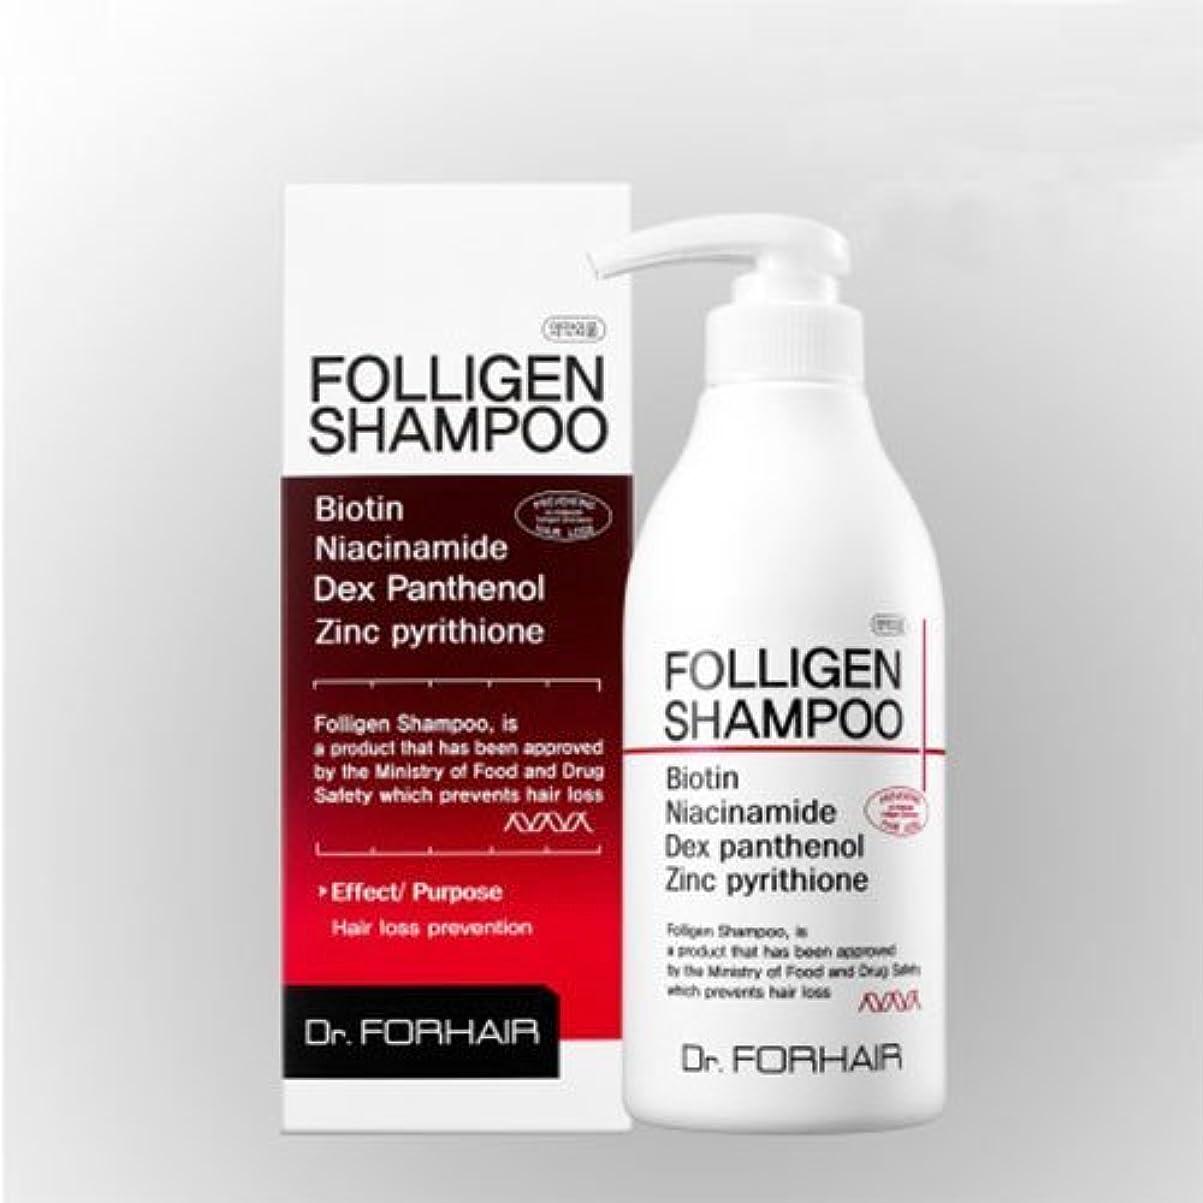 切断するウェイドメドレーダクト?フォーヘア ポルリジェン シャンプー500ml 脱毛防止シャンプー[並行輸入品] / Dr. Forhair Folligen Shampoo 500ml (16.9 fl.oz.) for Hair Loss...